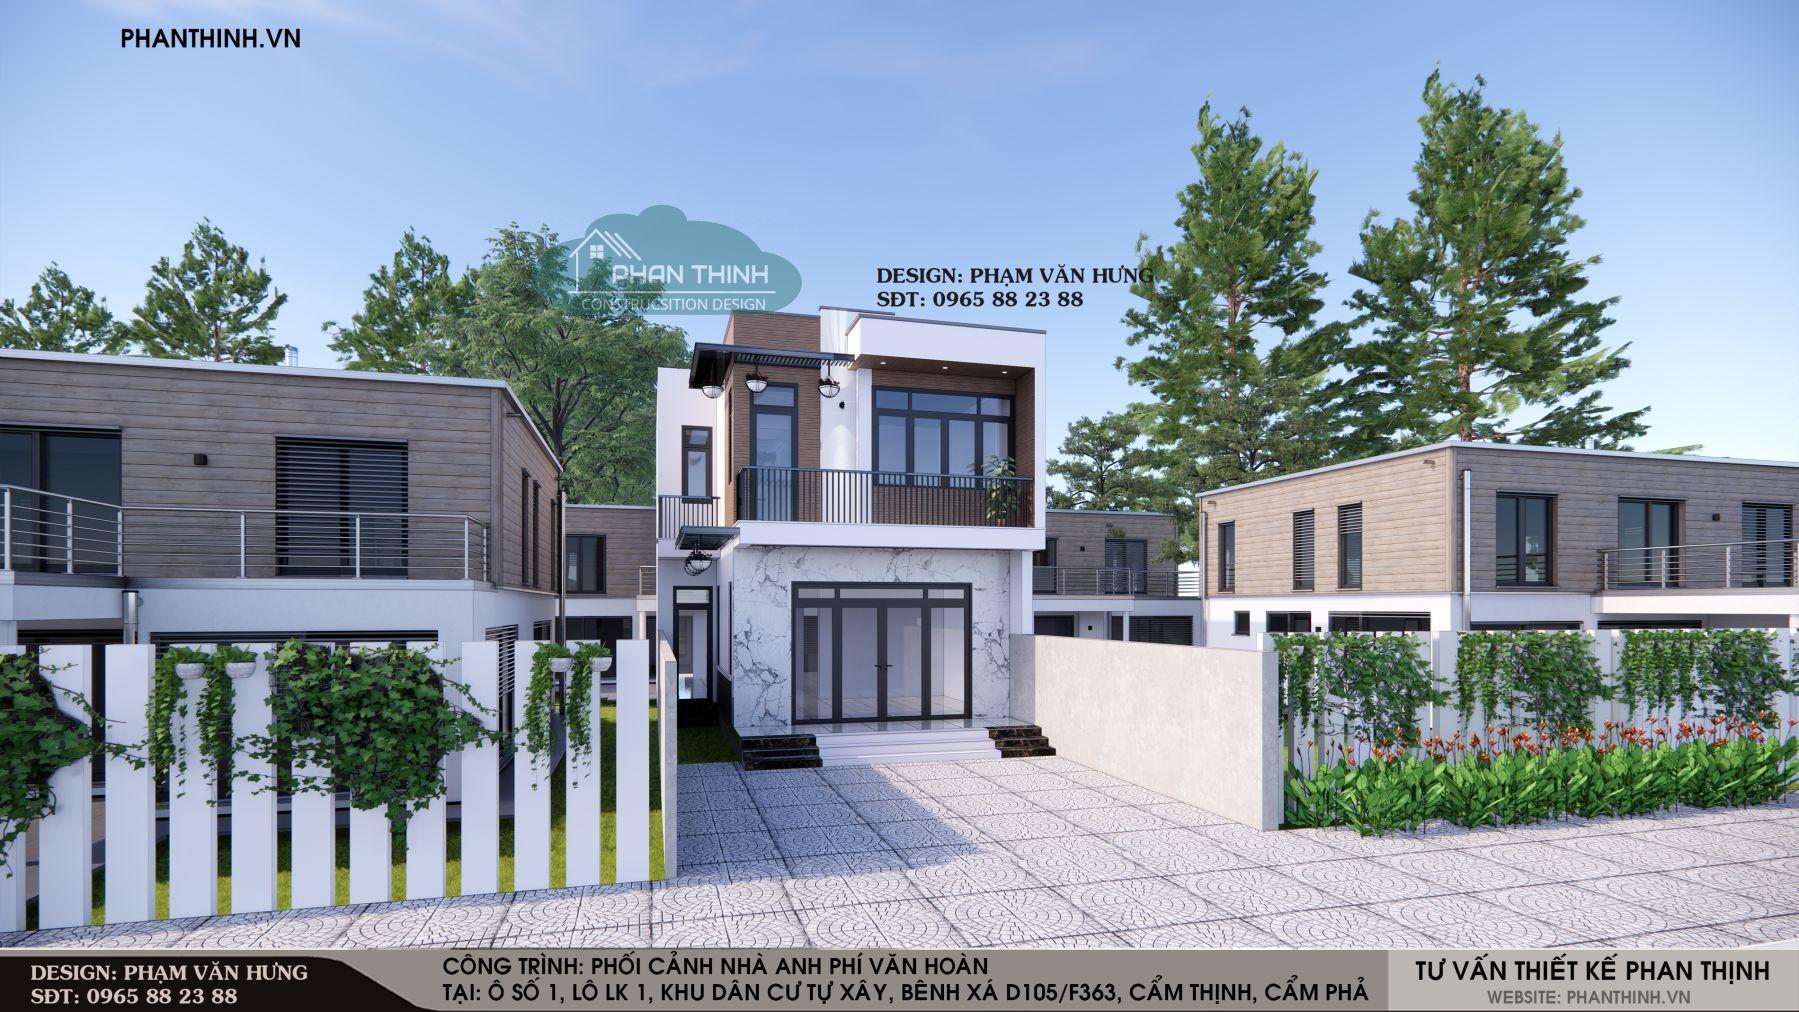 Thiết kế phối cảnh nhà 2 tầng hiện đại tại Cẩm Phả Quảng Ninh